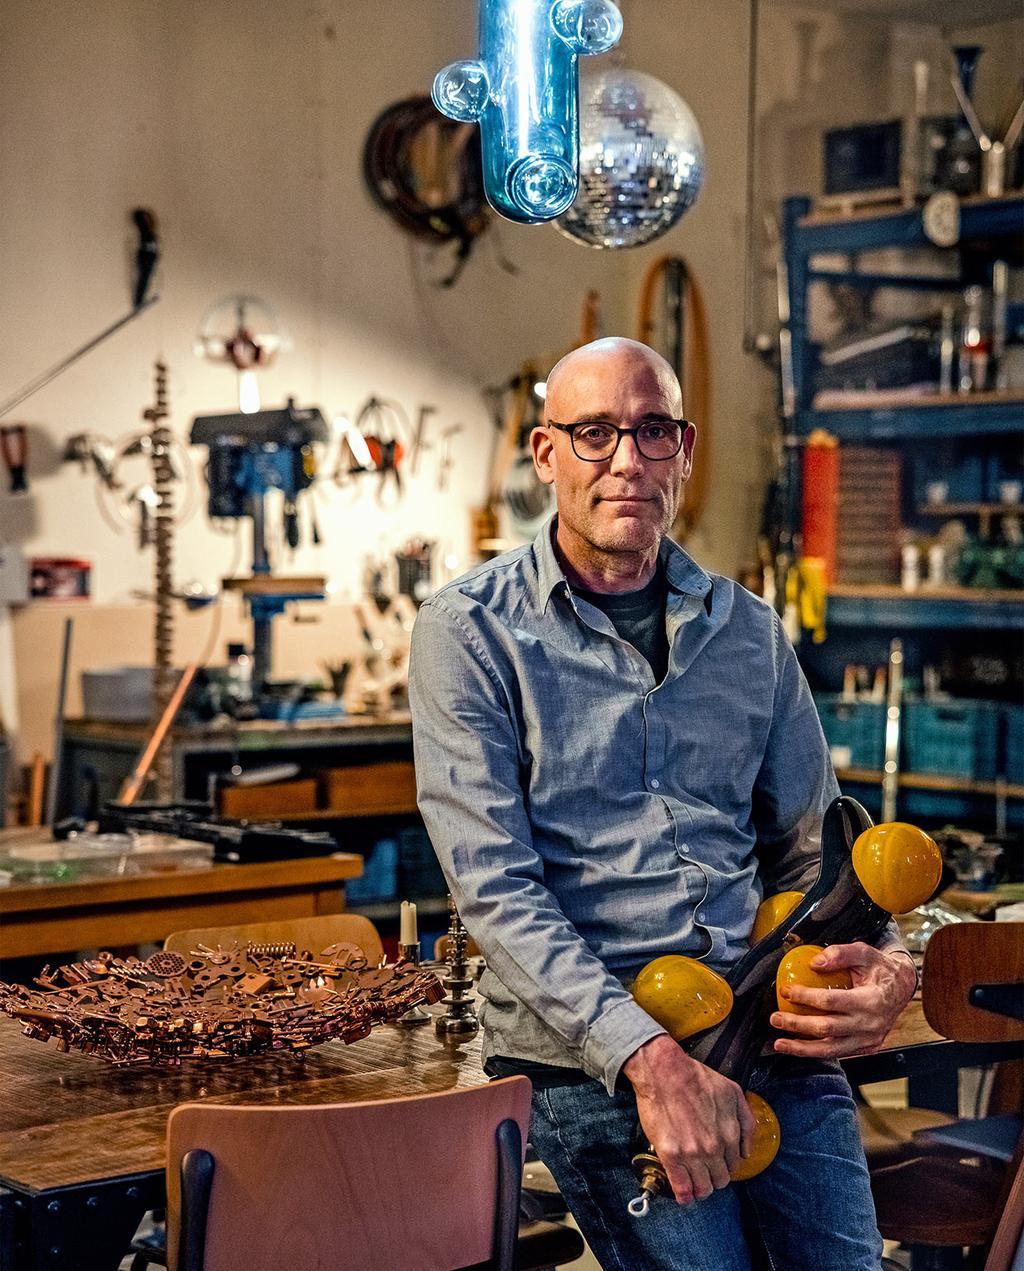 vtwonen 03-2021 | Portret foto van ontwerper Eibert in atelier